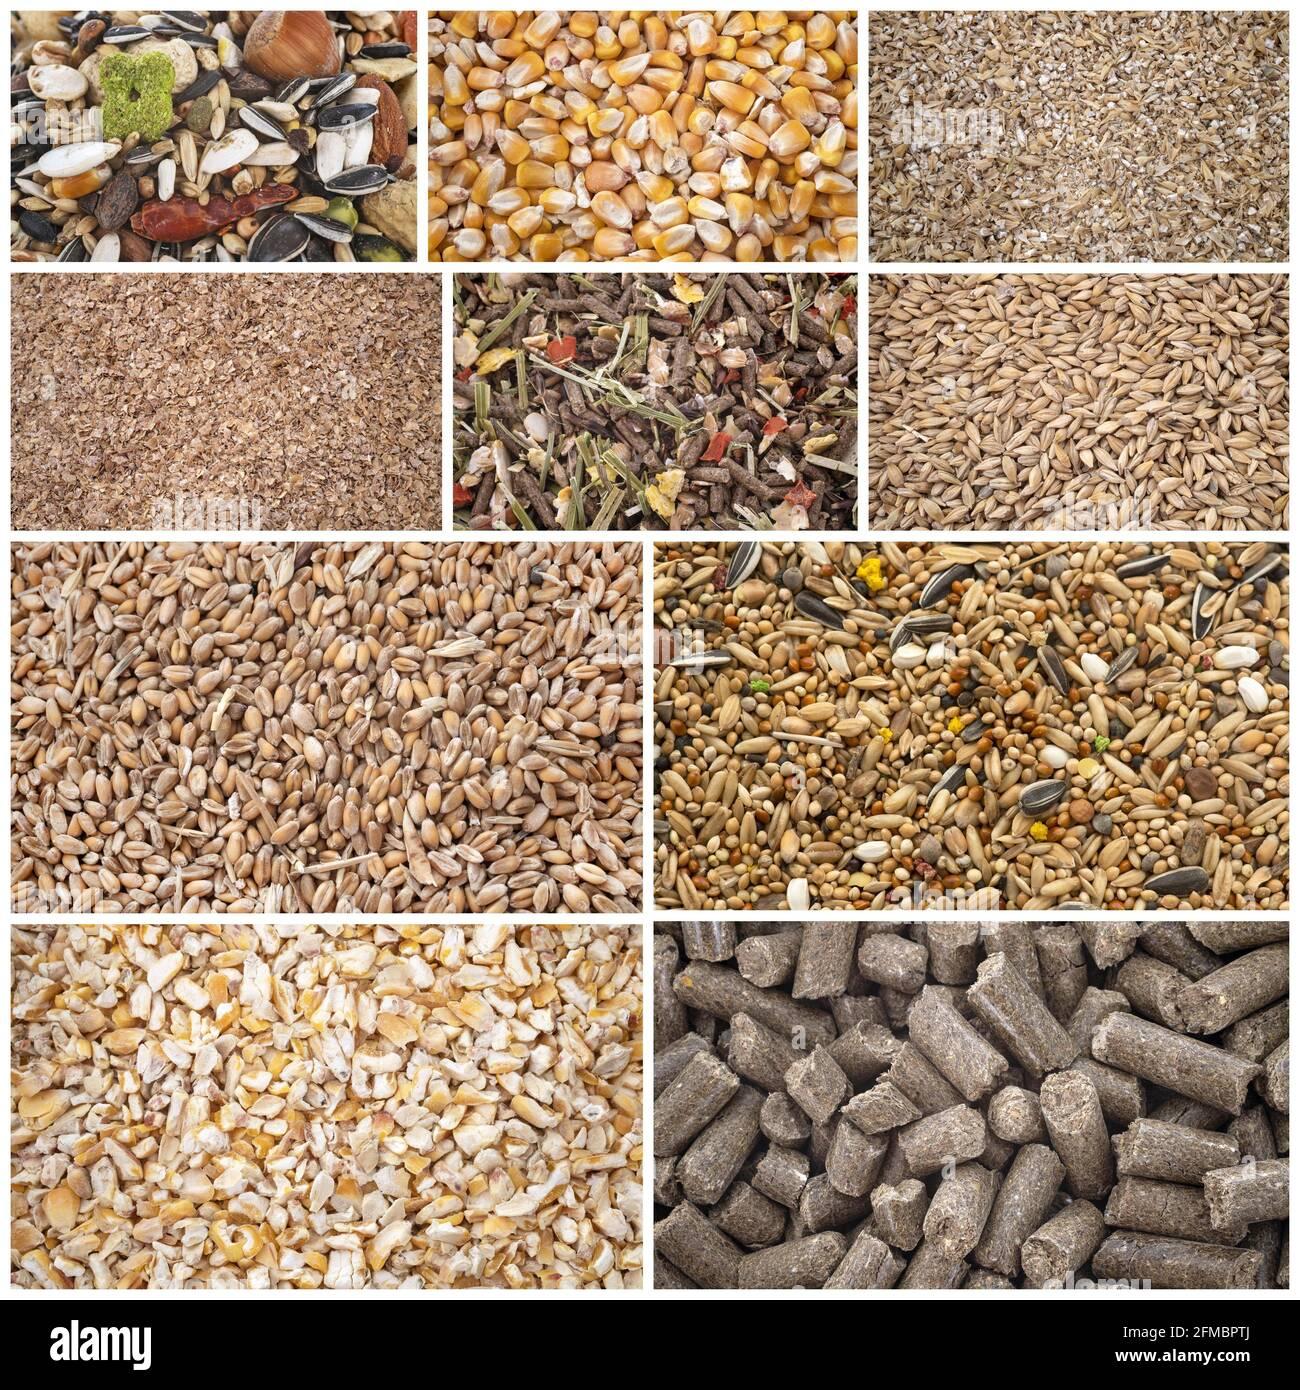 Zusammengesetztes Bild von Getreide für Tiernahrung Stockfoto